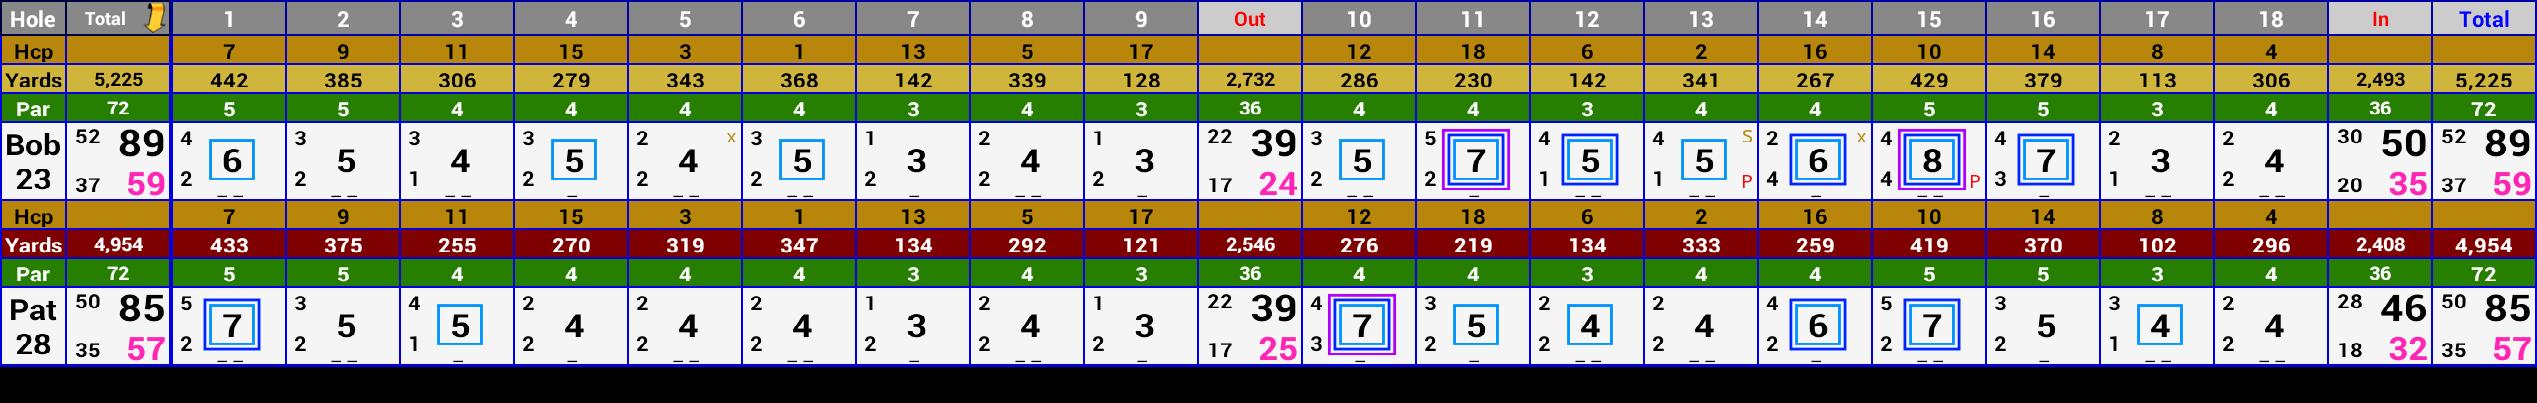 GolfScoreRound-20150405 - 13_02 - Tiny.png